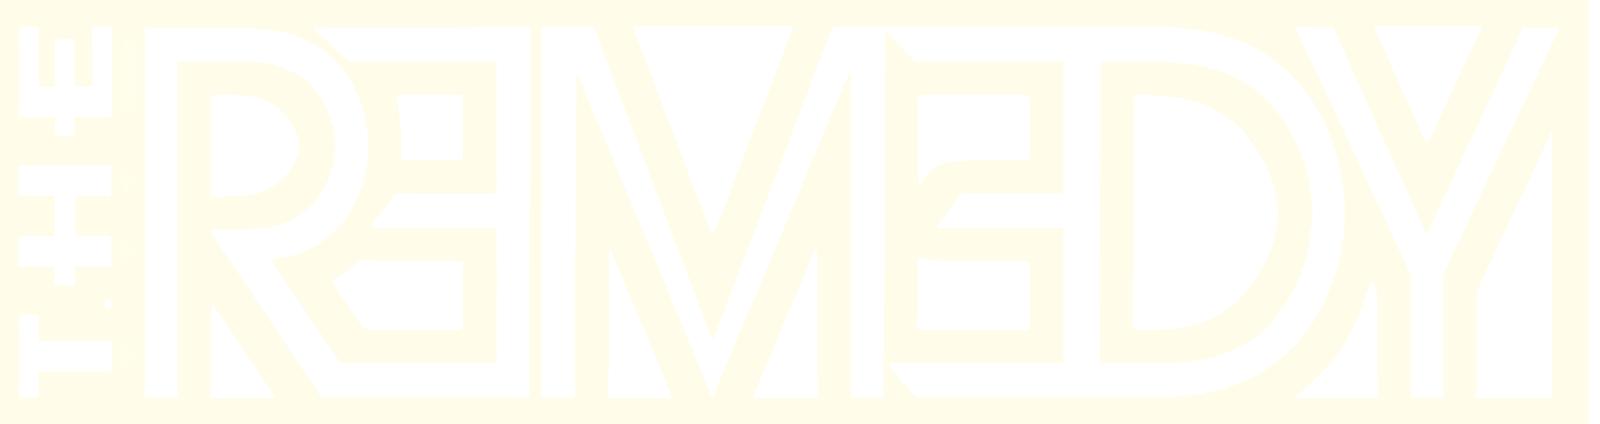 MUZIK JONES DREW